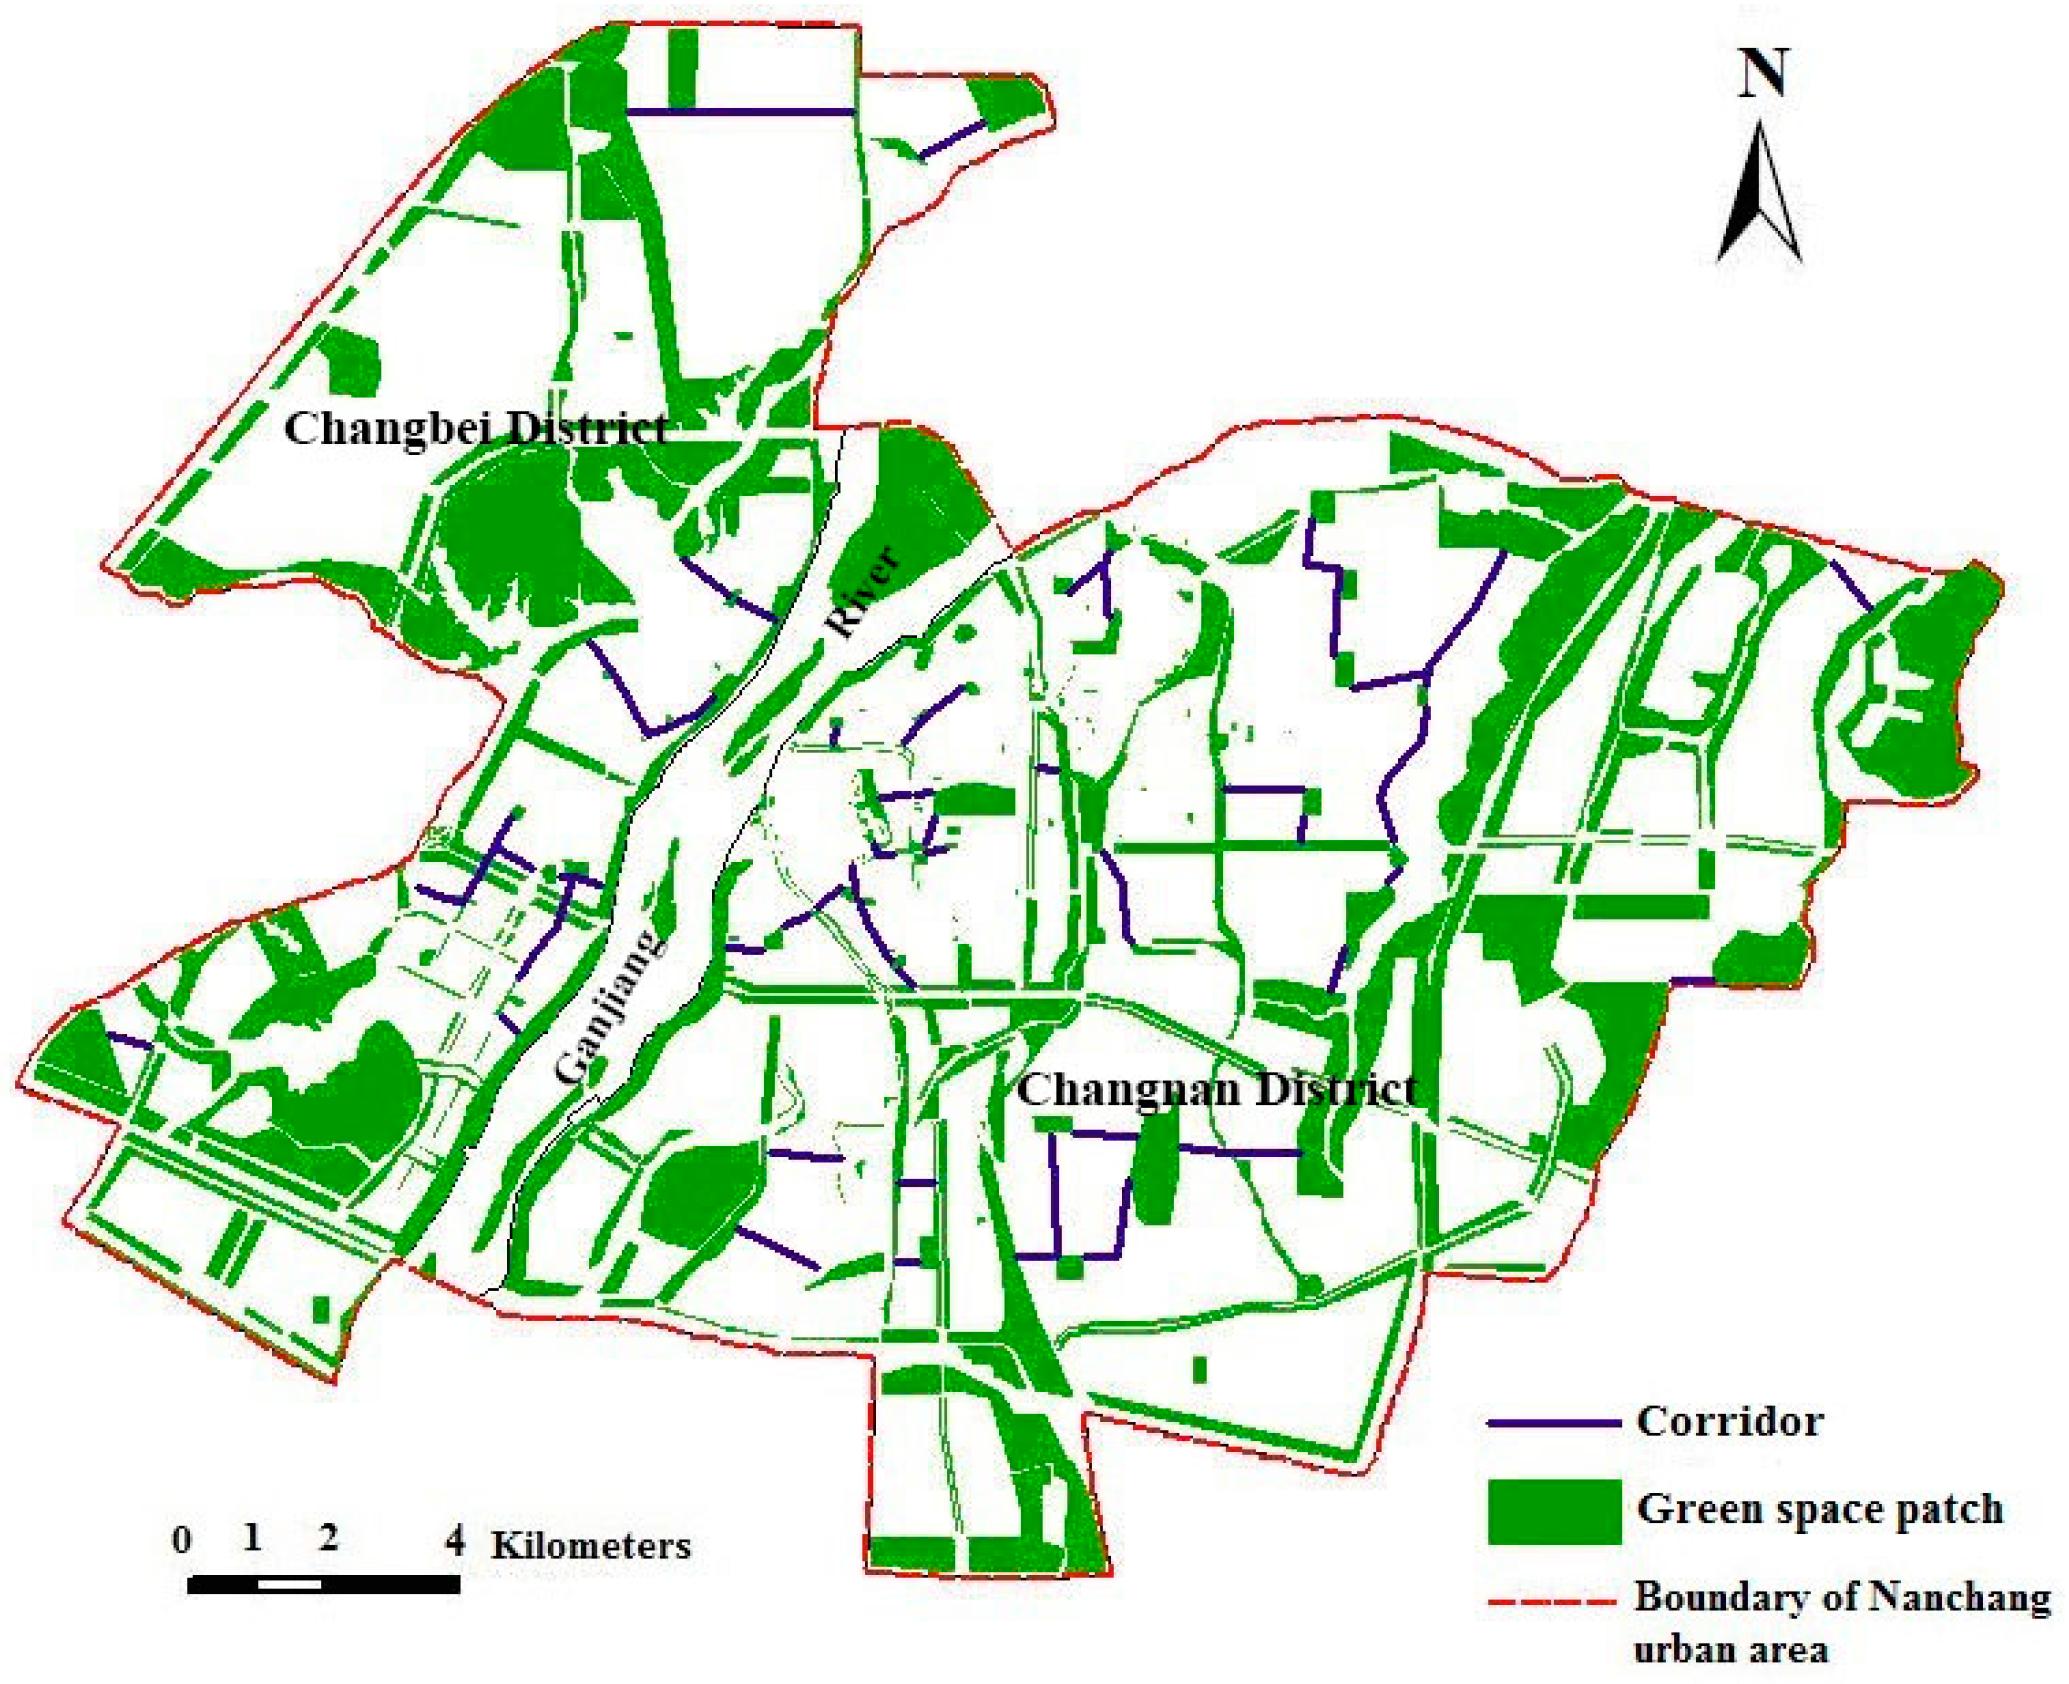 Urban Planning apa response paper